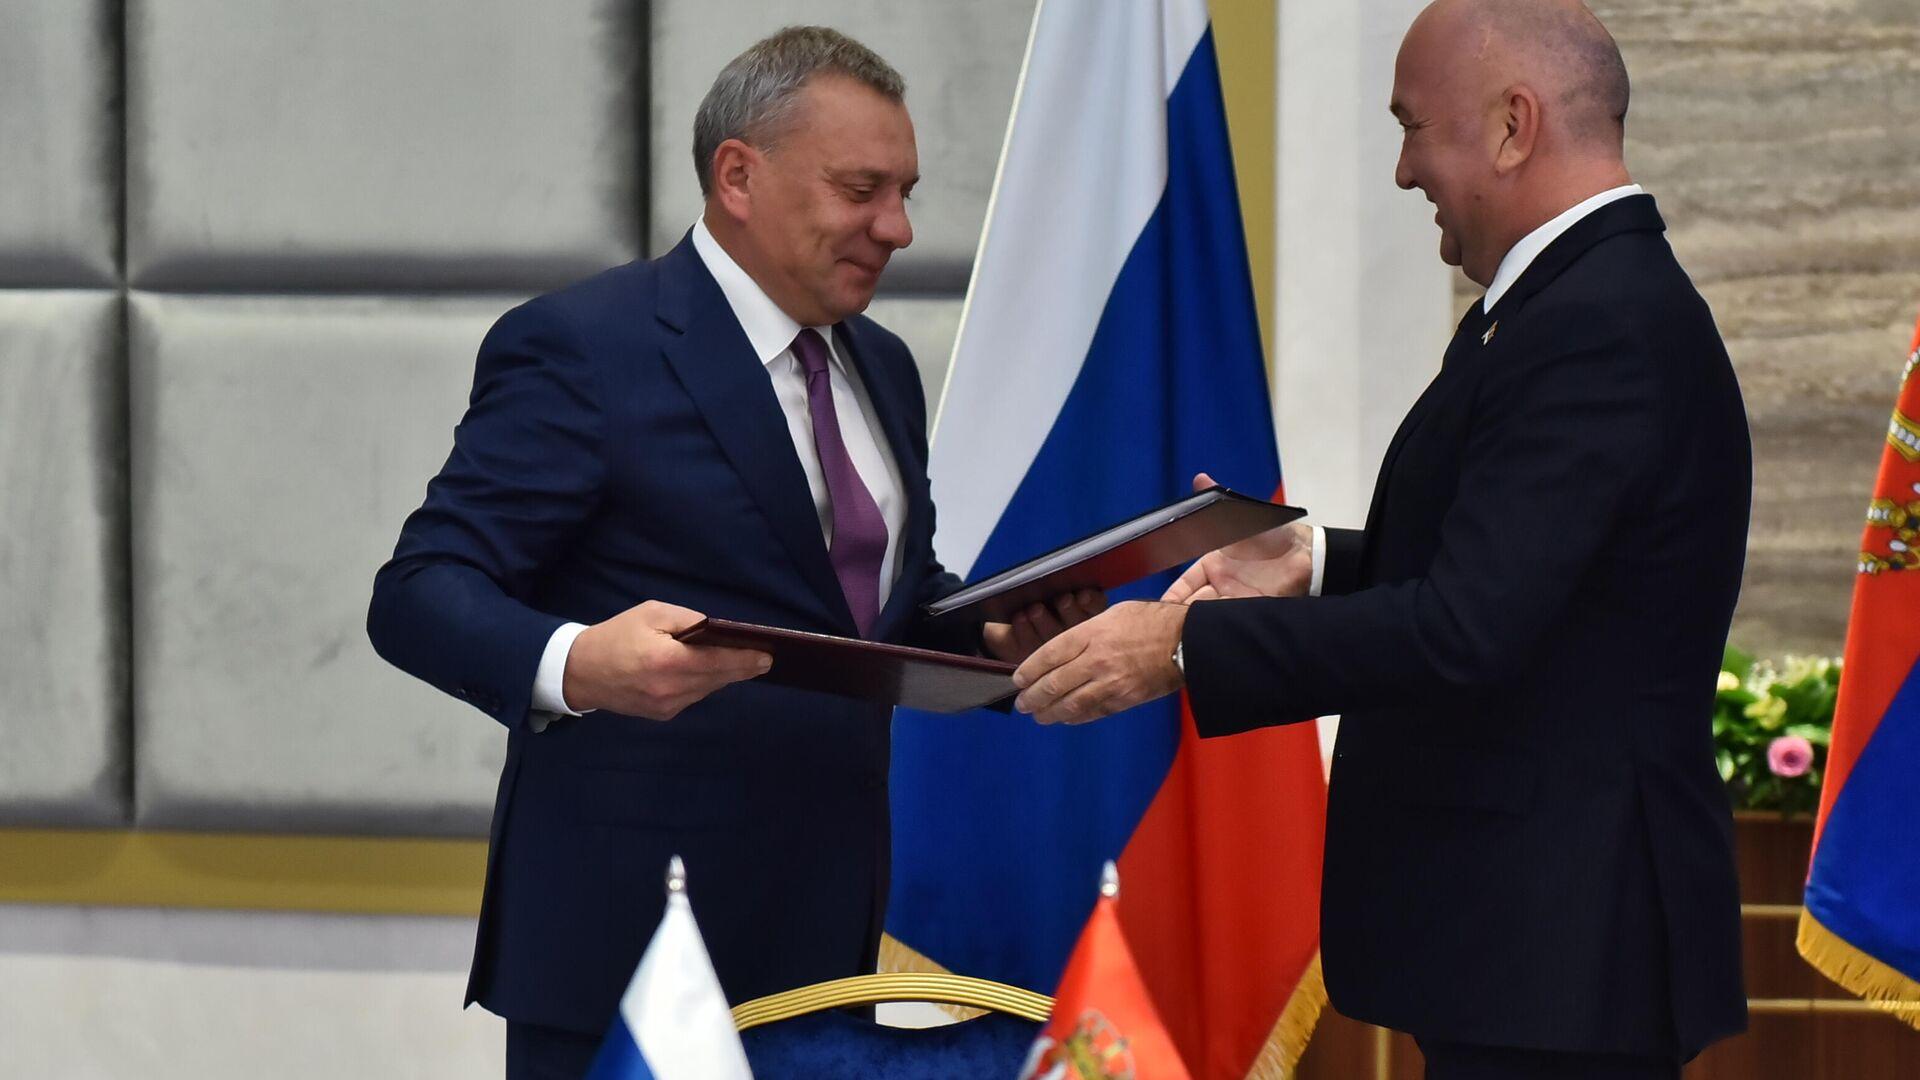 Потписивање уговора о испоруци гаса из Русије у Србију - Sputnik Србија, 1920, 07.10.2021